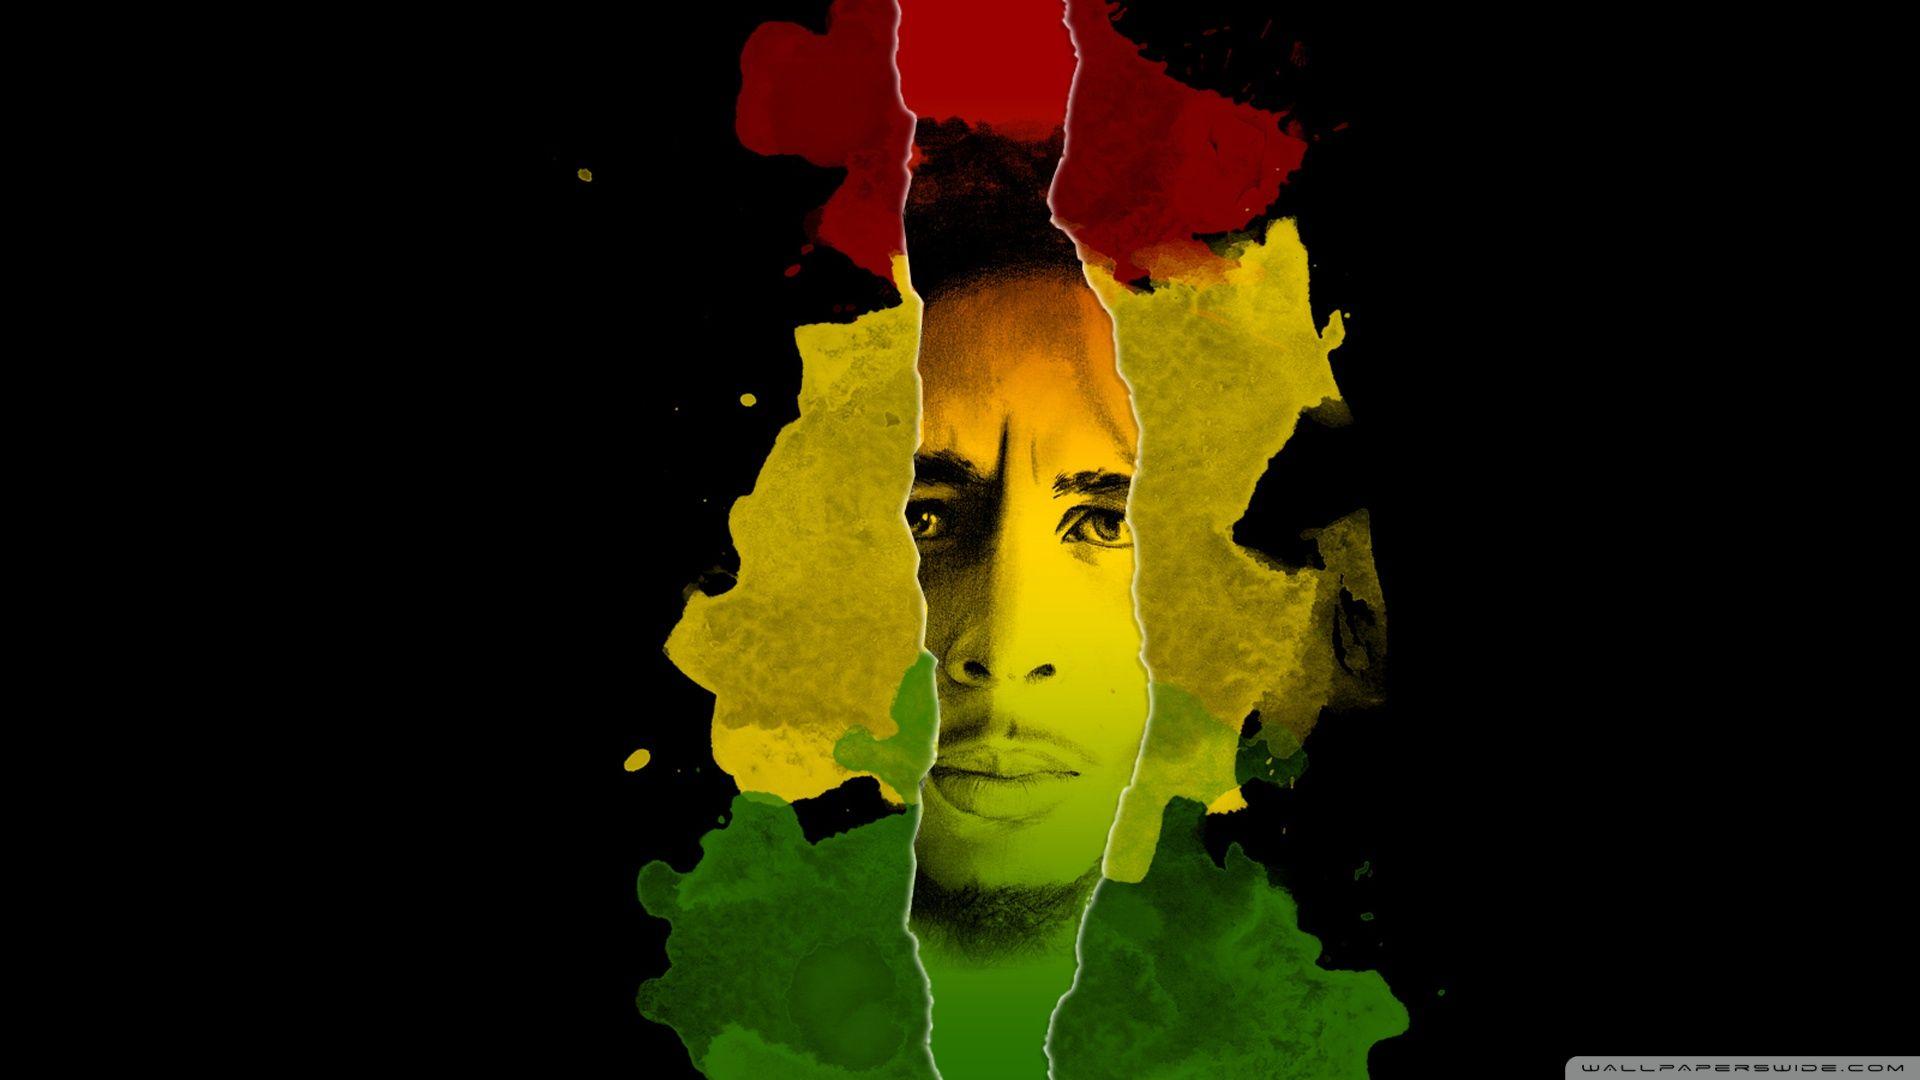 Bob Marley 1080p Hd Wallpapers Hd Wallpapers Bob Marley Love Wallpaper Backgrounds Bob Marley Painting